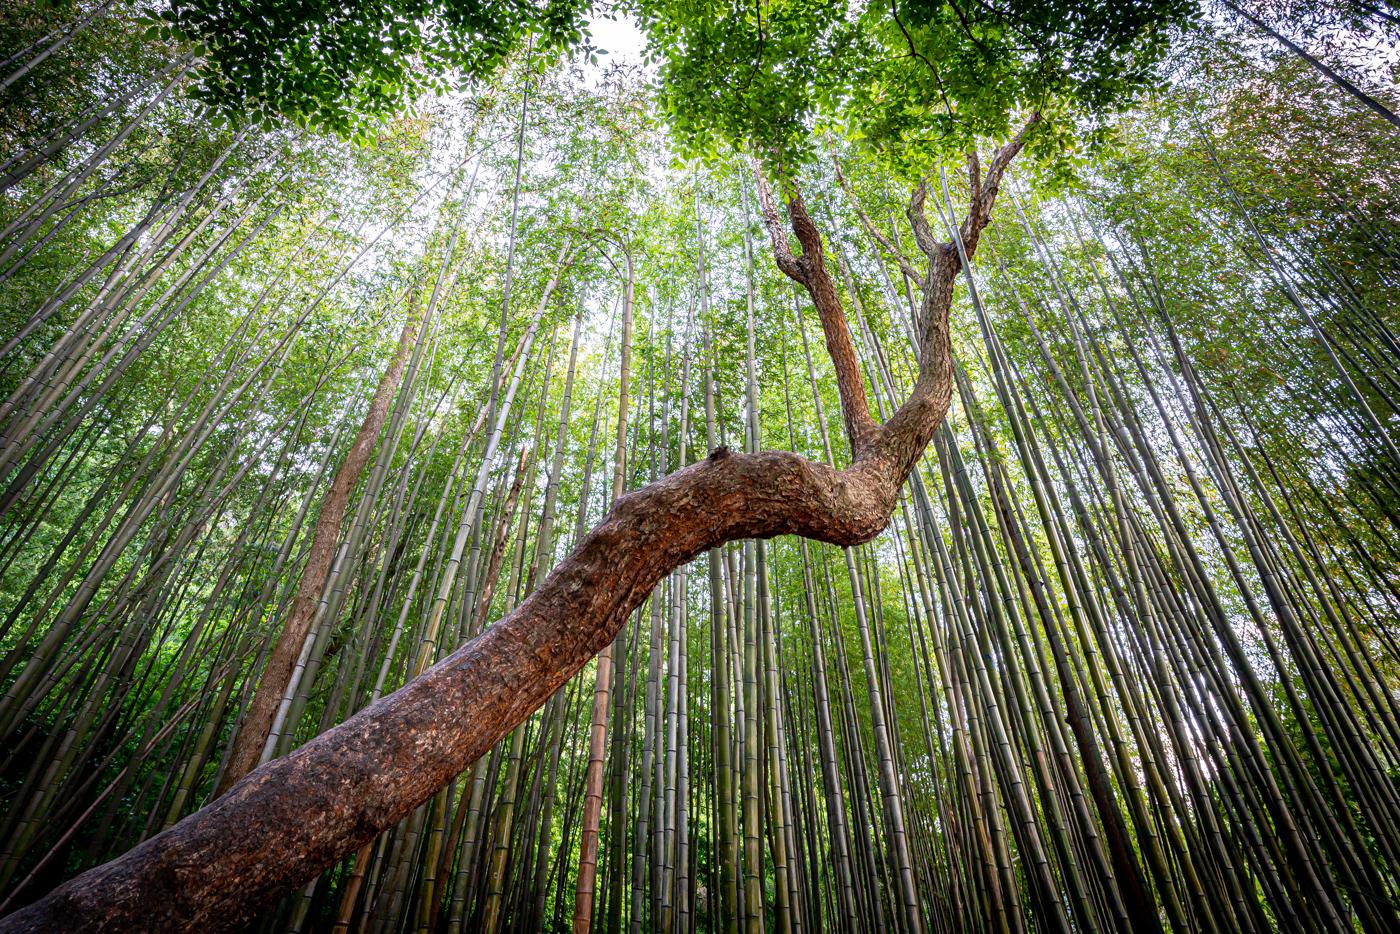 210515_Asadong_BambooForest_26963.jpg